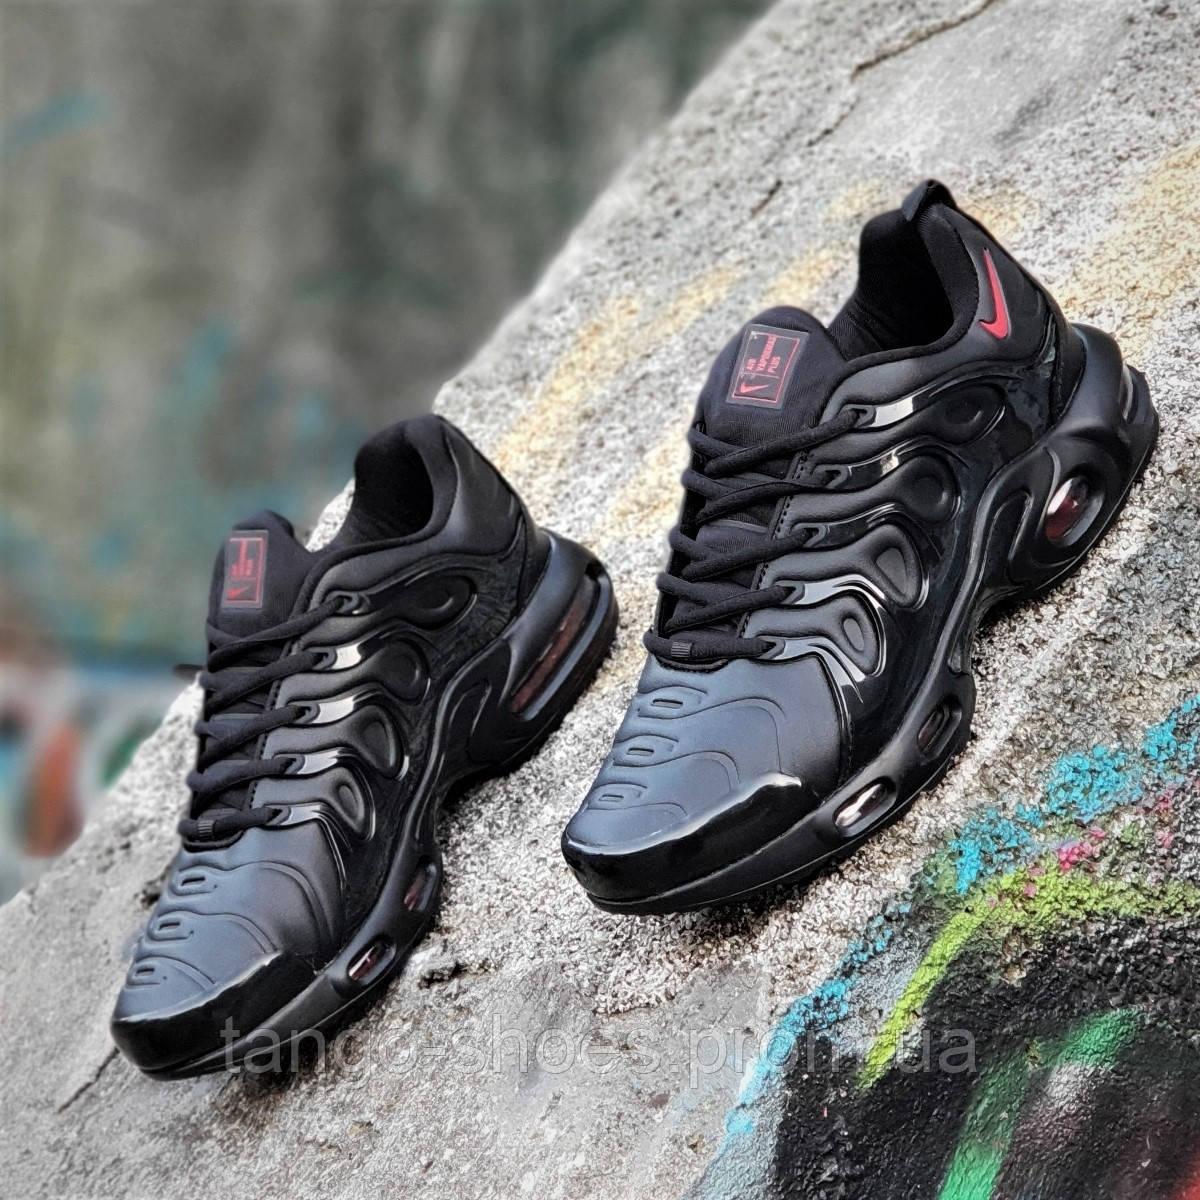 f1ef65063222f Кроссовки мужские Nike Air Max Plus TN реплика черные легкие и удобные,  подошва пенка (